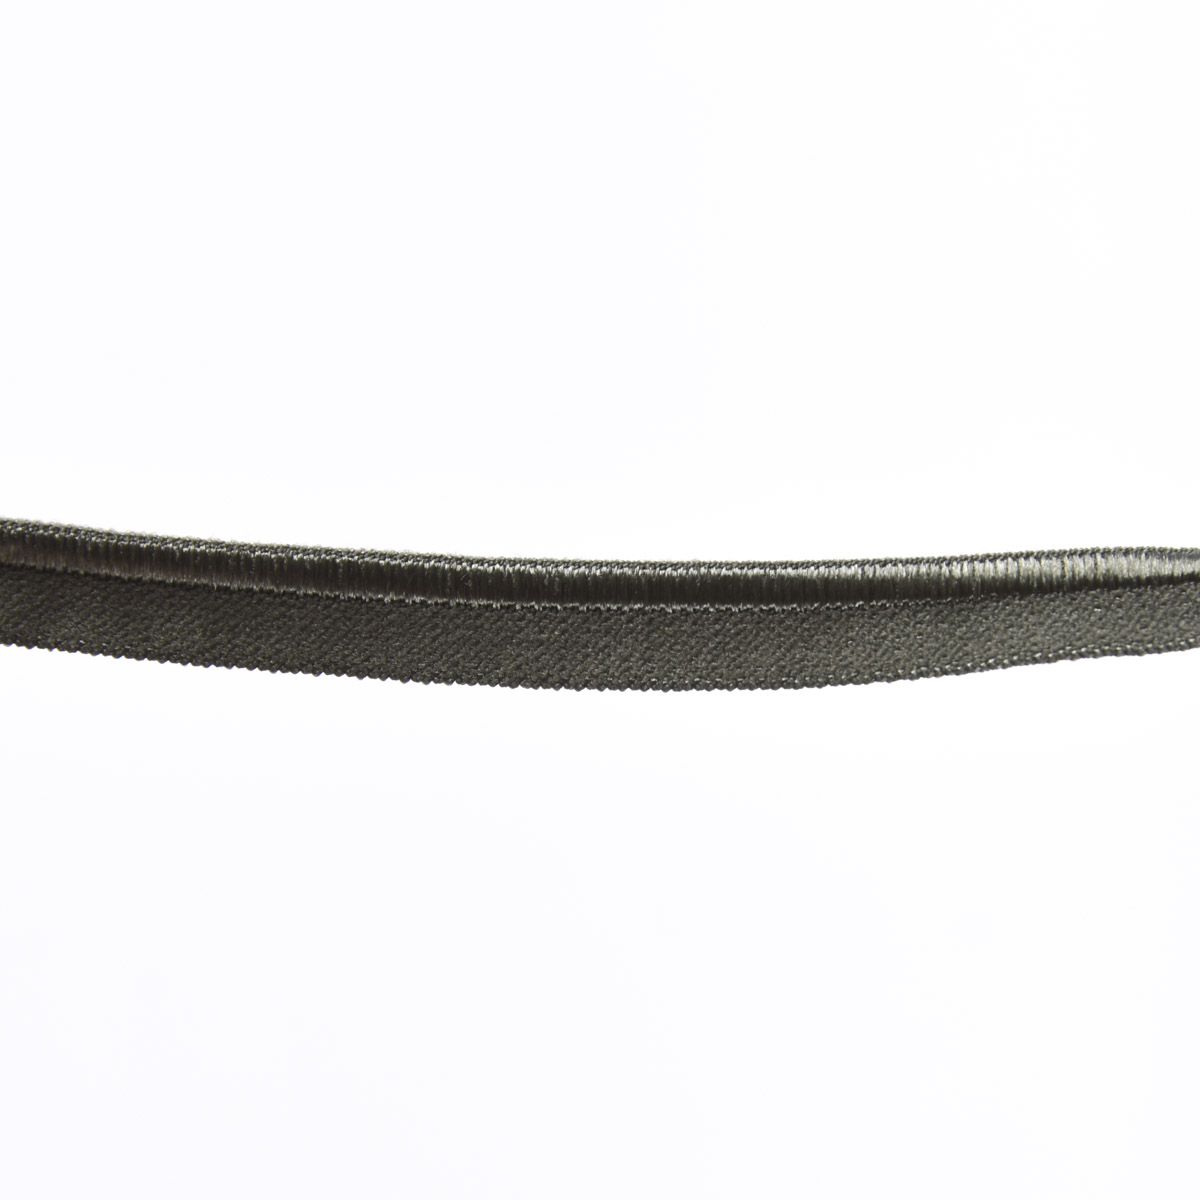 Paspelband Gummipaspel elastisch schimmernd Meterware army grün Breite: 1cm